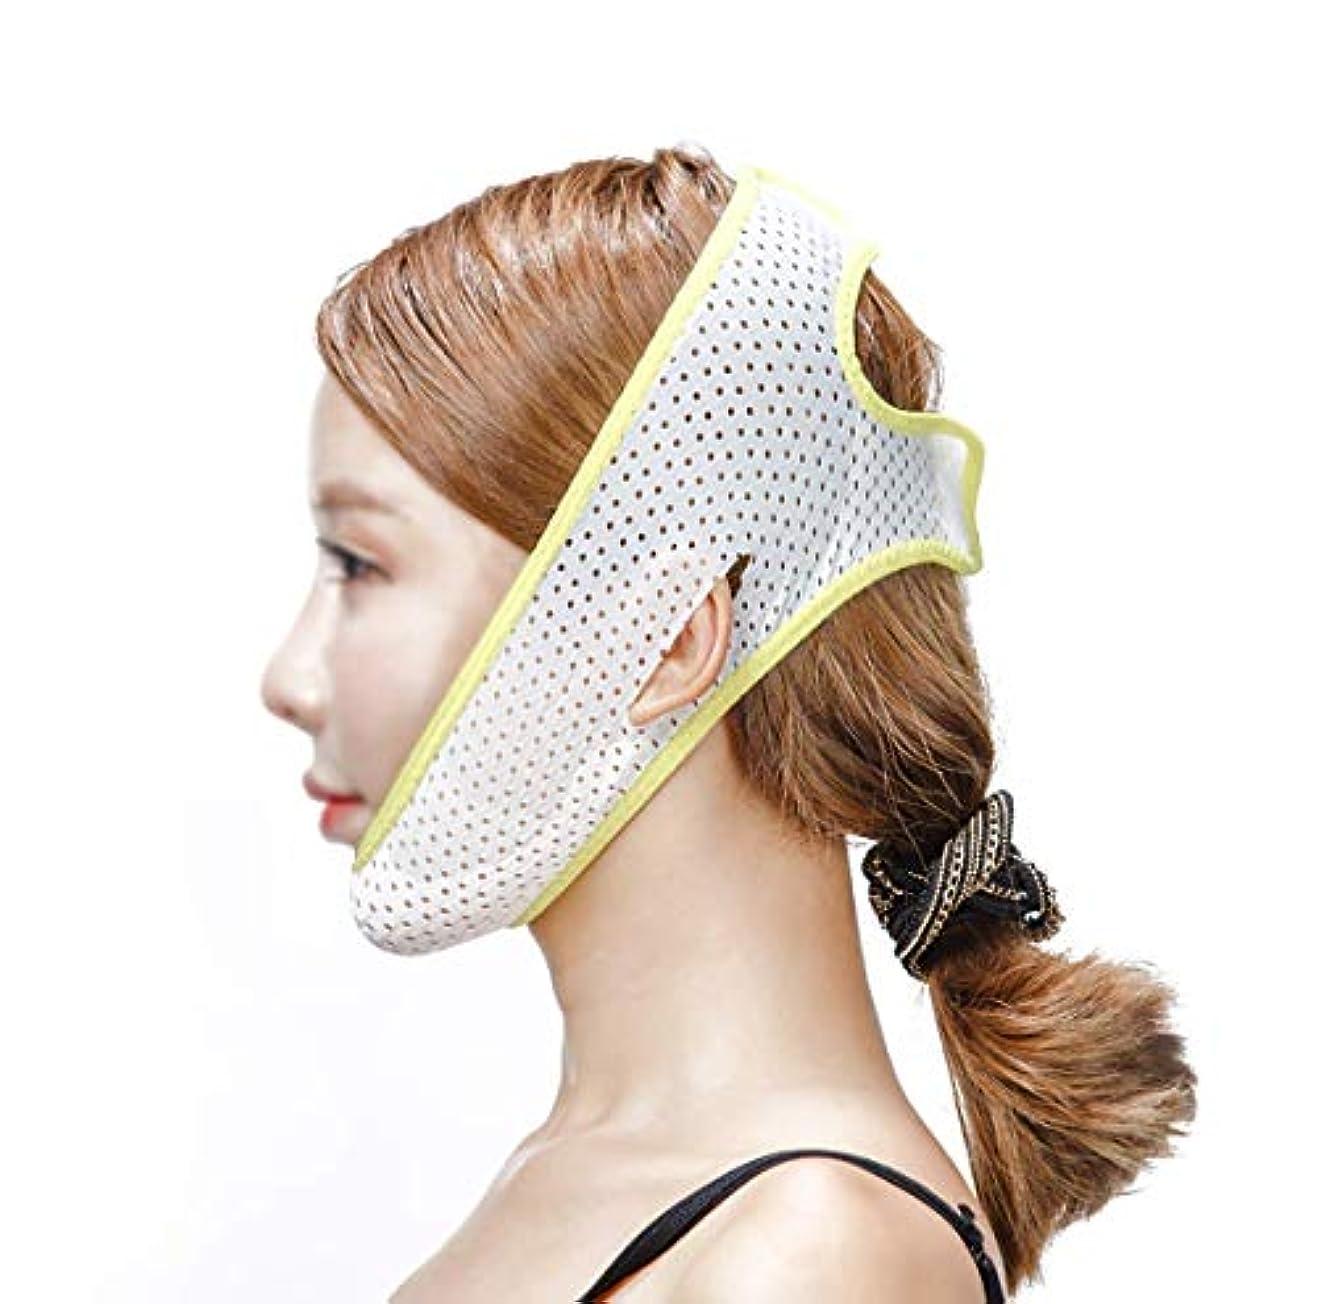 早く優しいキャップフェイスリフトマスク、あごストラップリカバリ包帯睡眠薄いフェイスバンデージ薄いフェイスマスクフェイスリフトアーティファクトフェイスリフト美容マスク包帯で小さなV顔を強化(色:黄色と白)